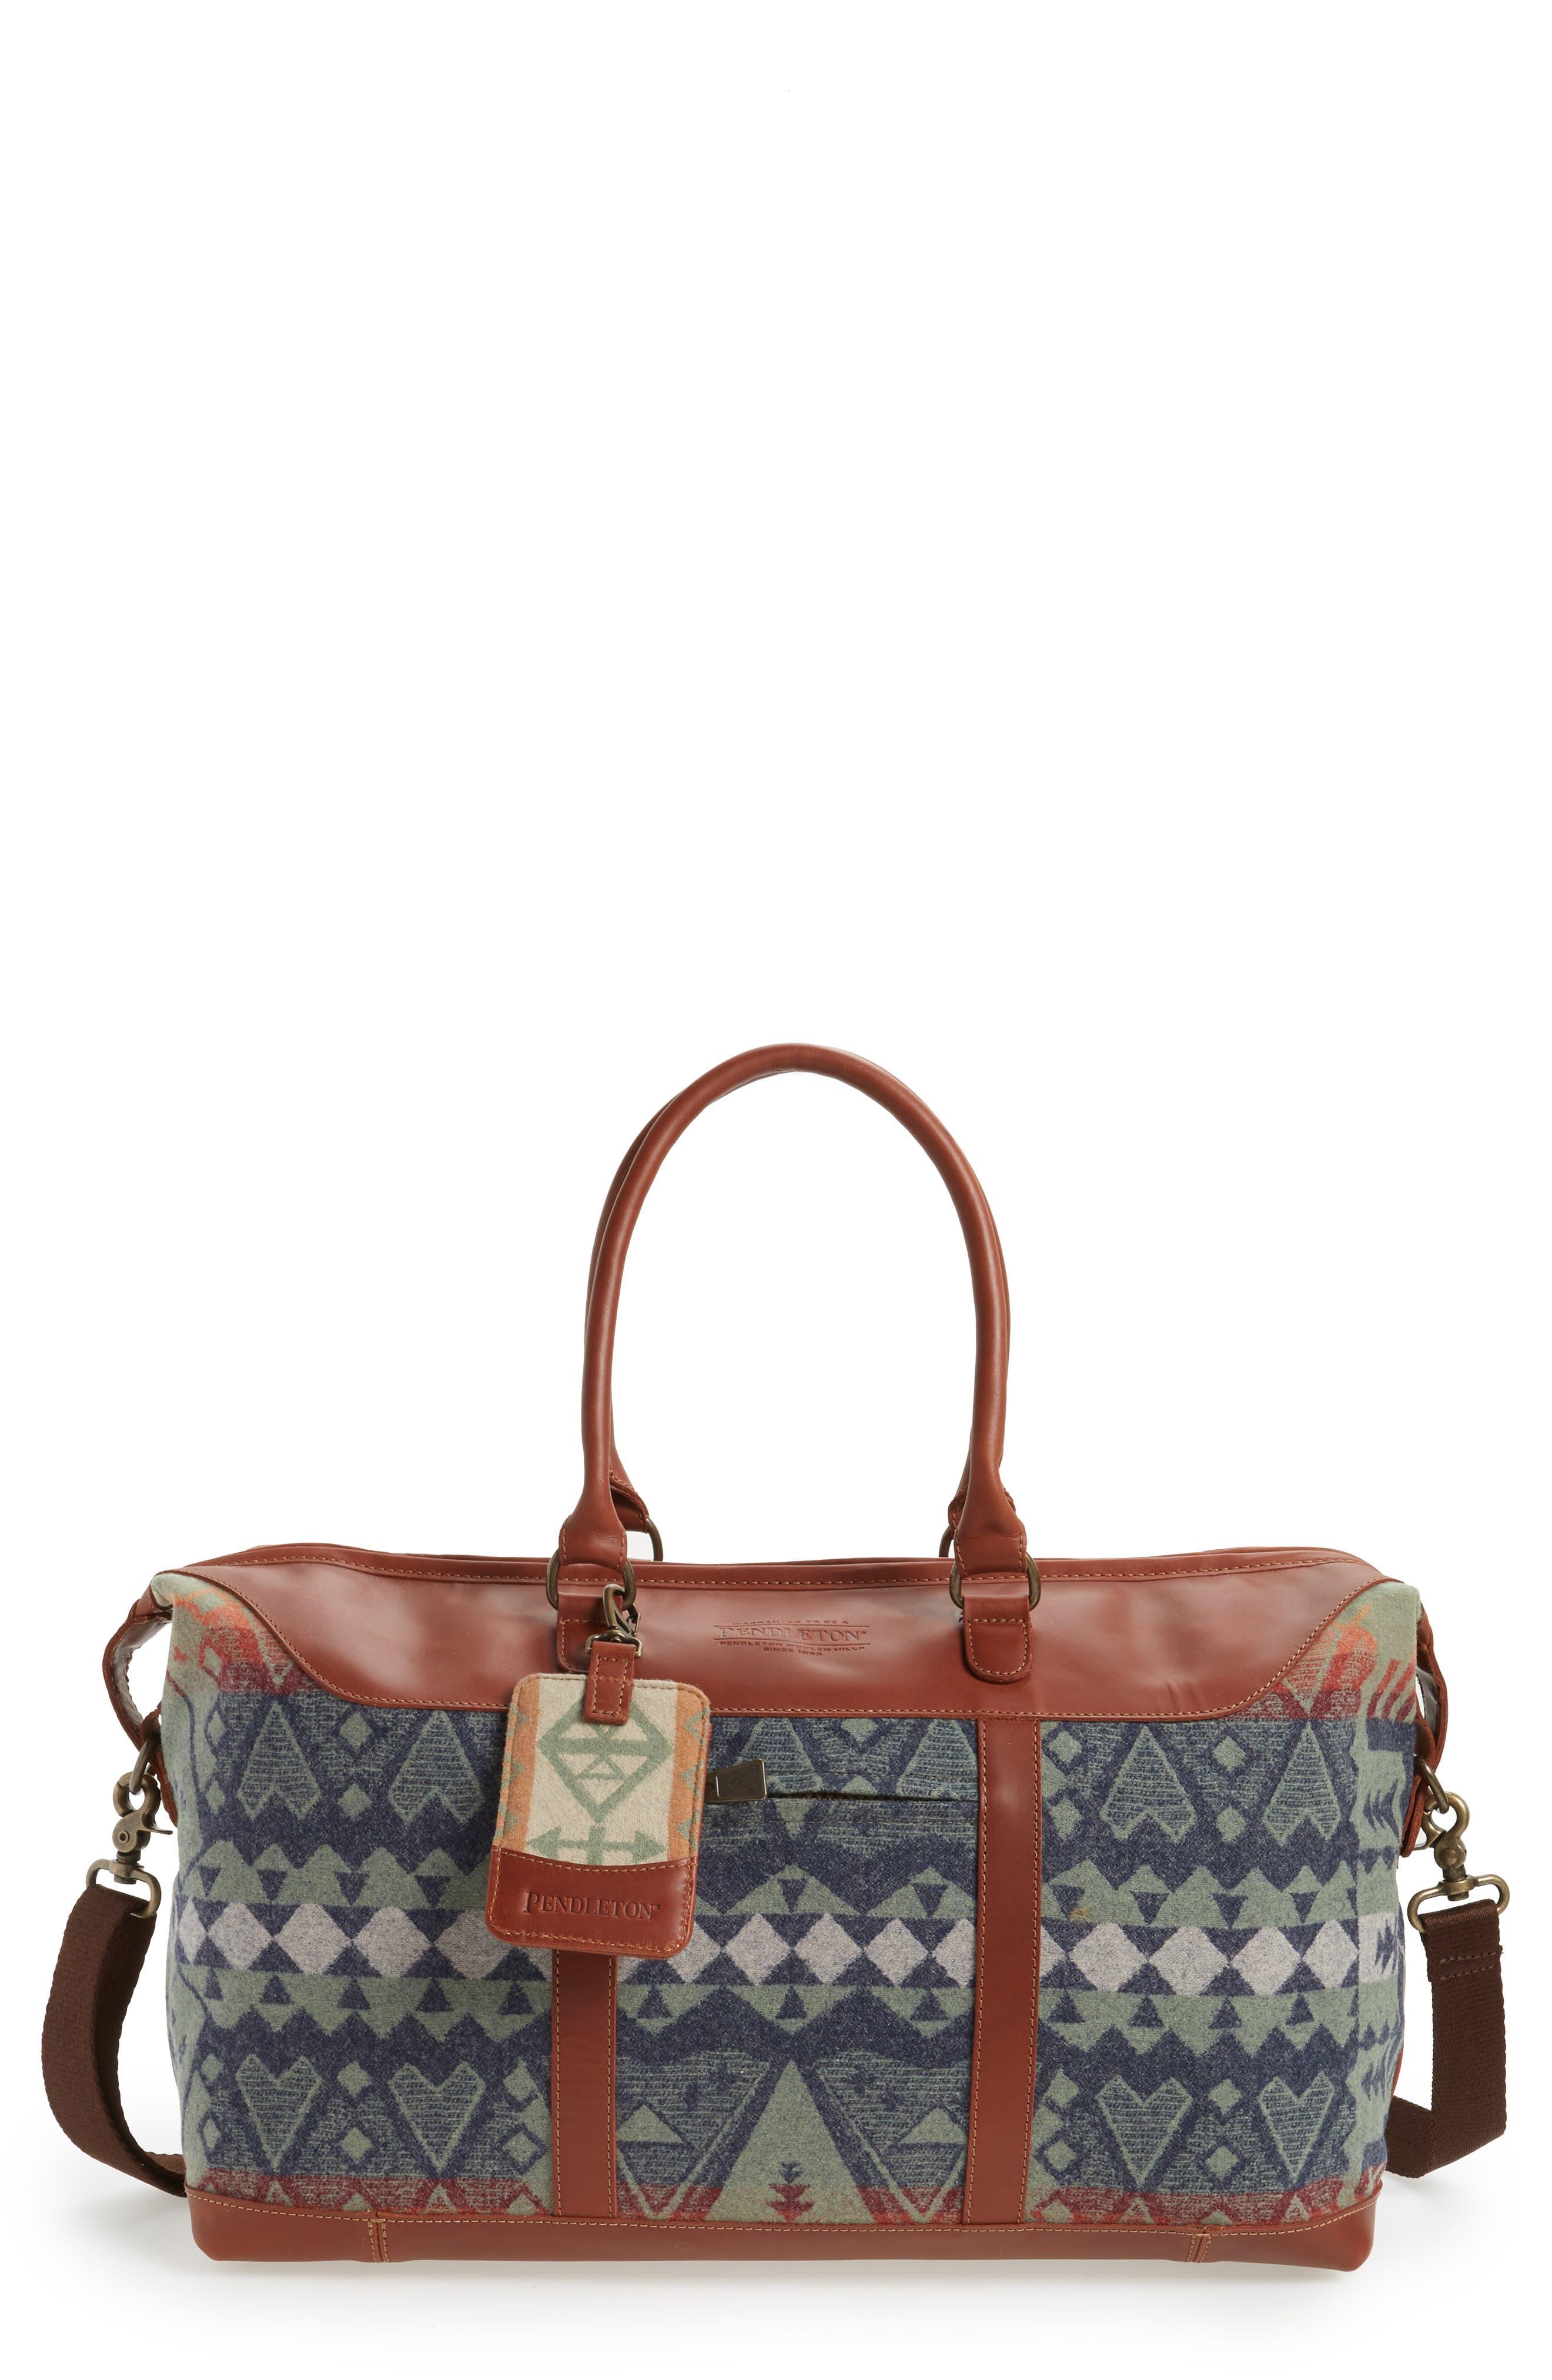 Pendleton Getaway Duffel Bag